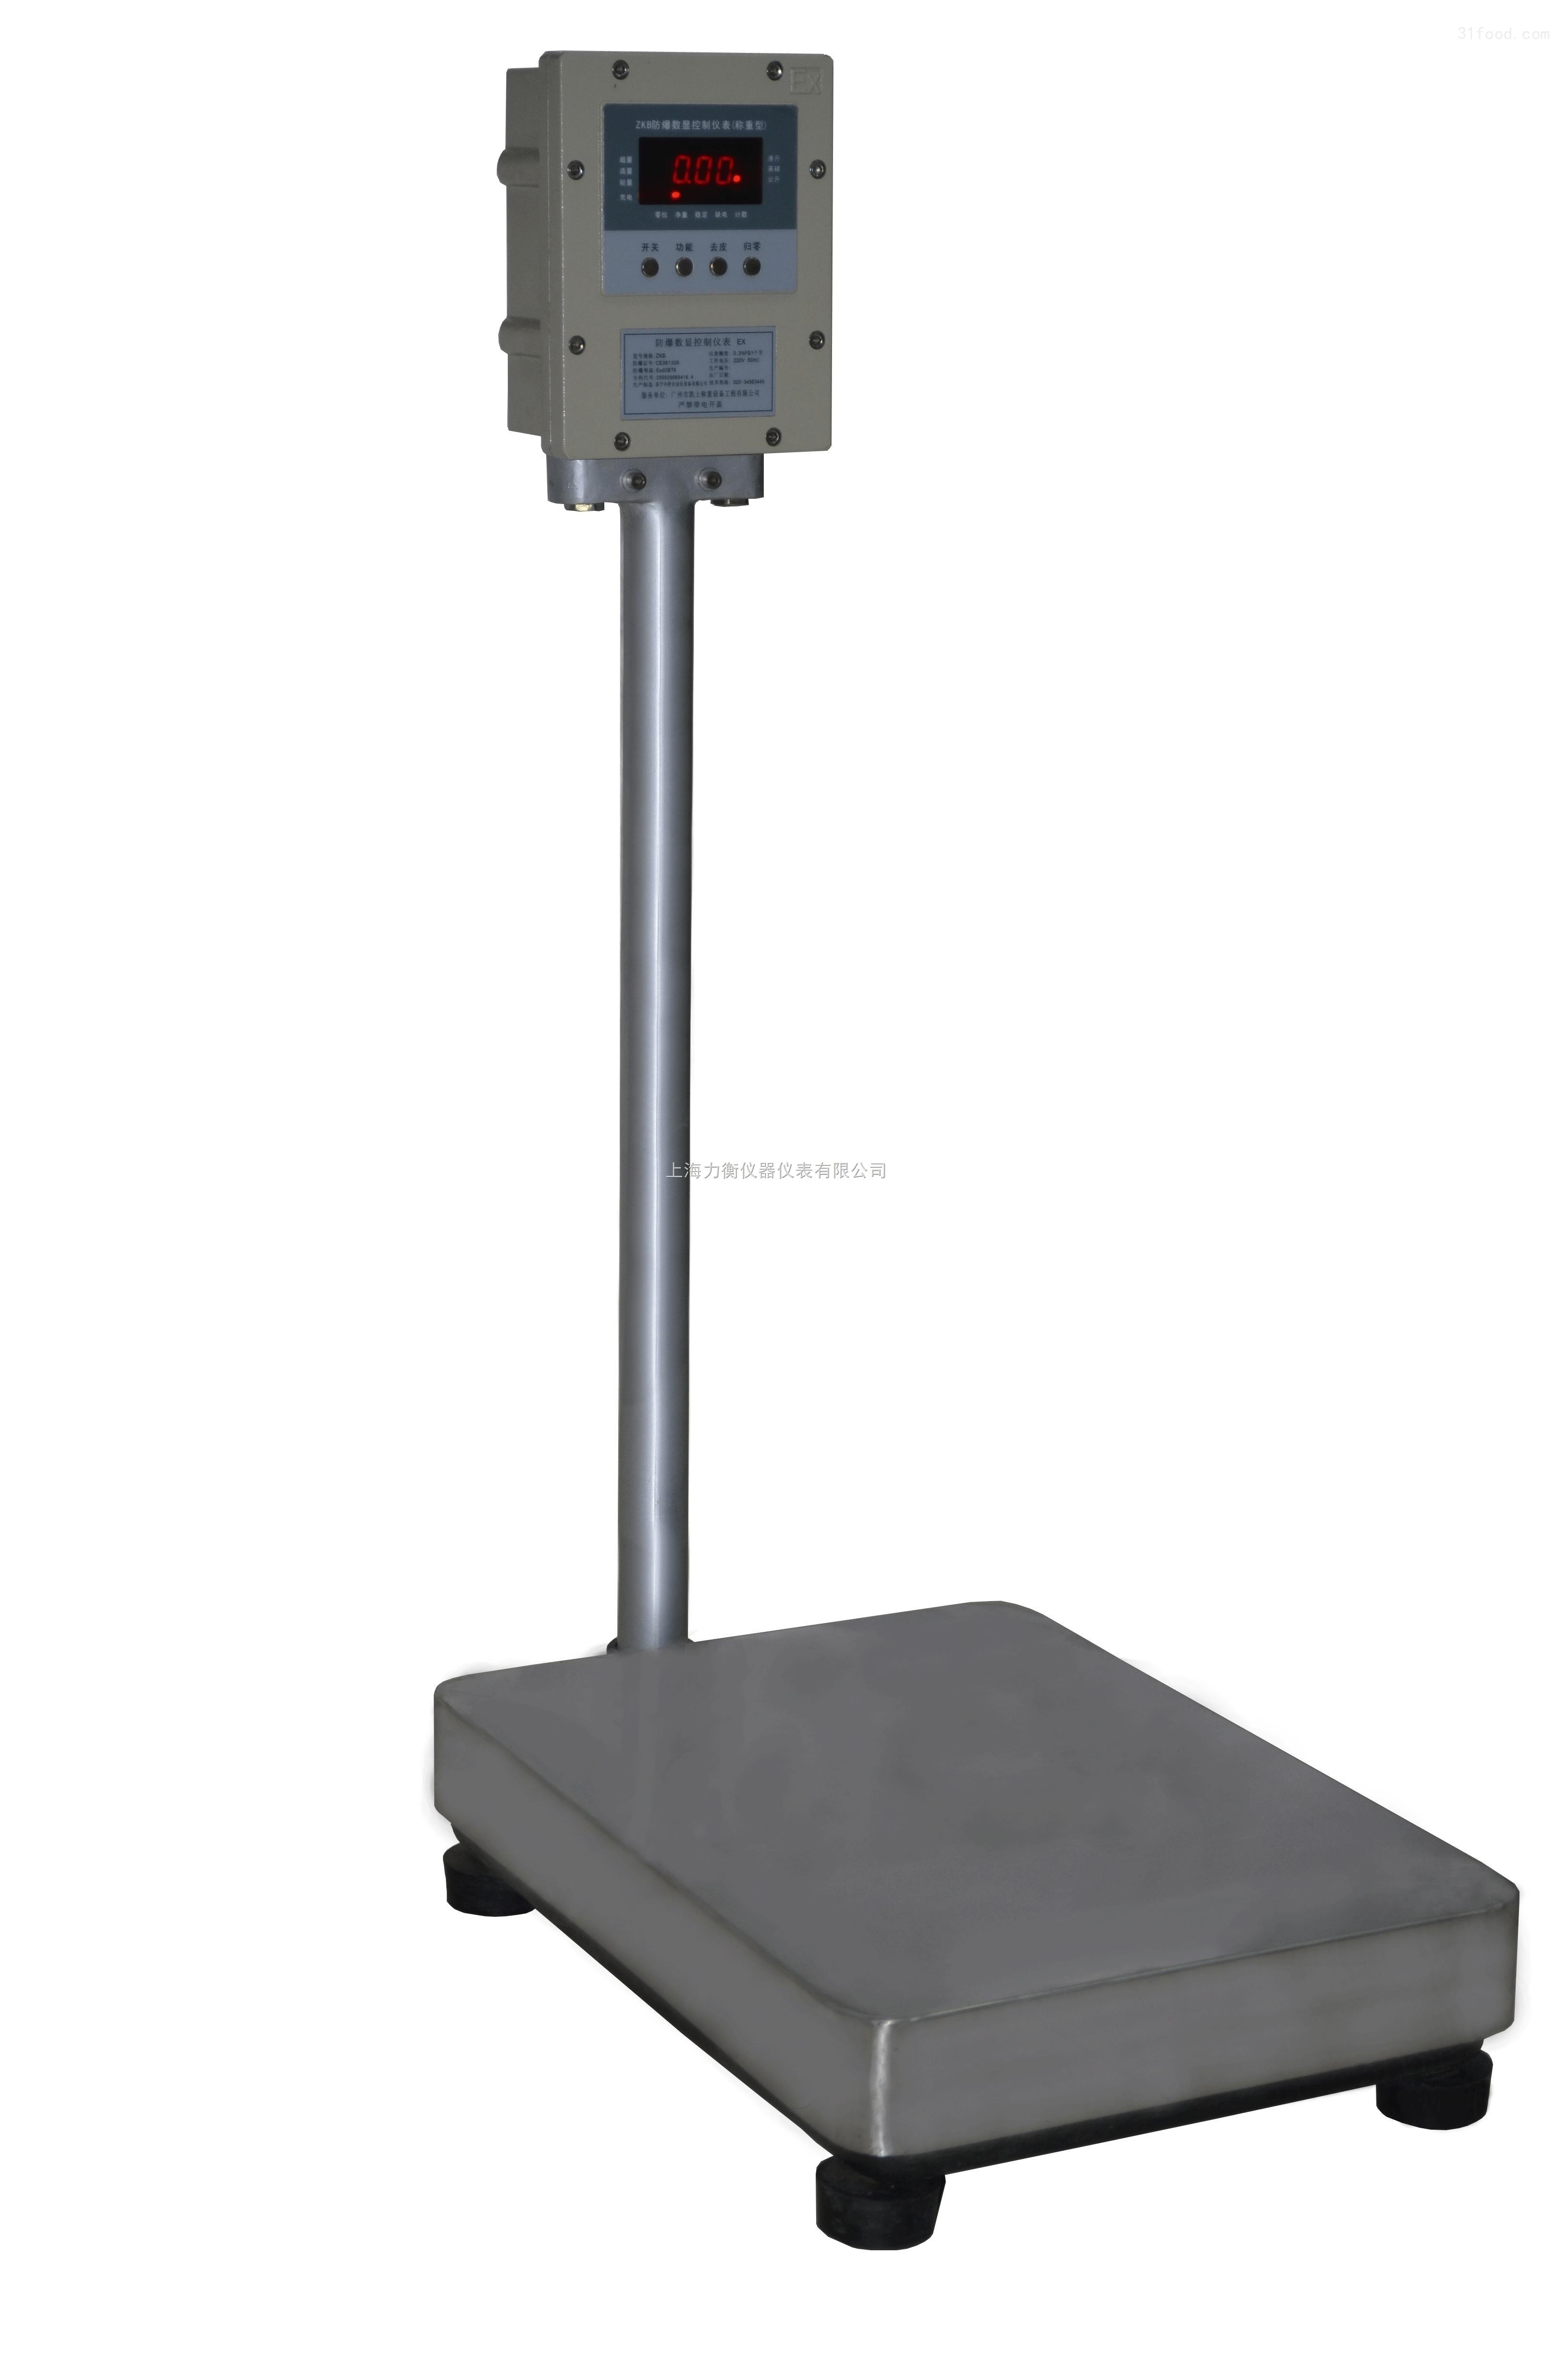 300kg隔离防爆台秤等级,300公斤防爆秤带4-20mA信号输出